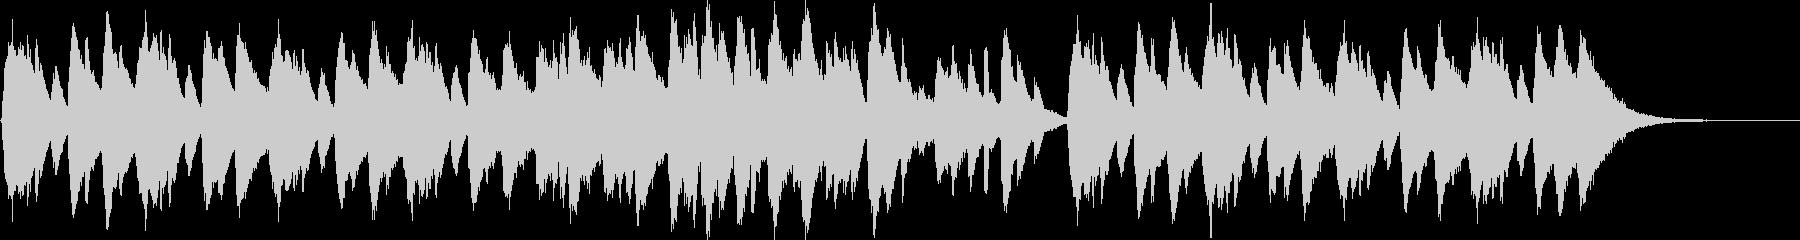 ホラー楽器。催眠的でスペーシーなピ...の未再生の波形